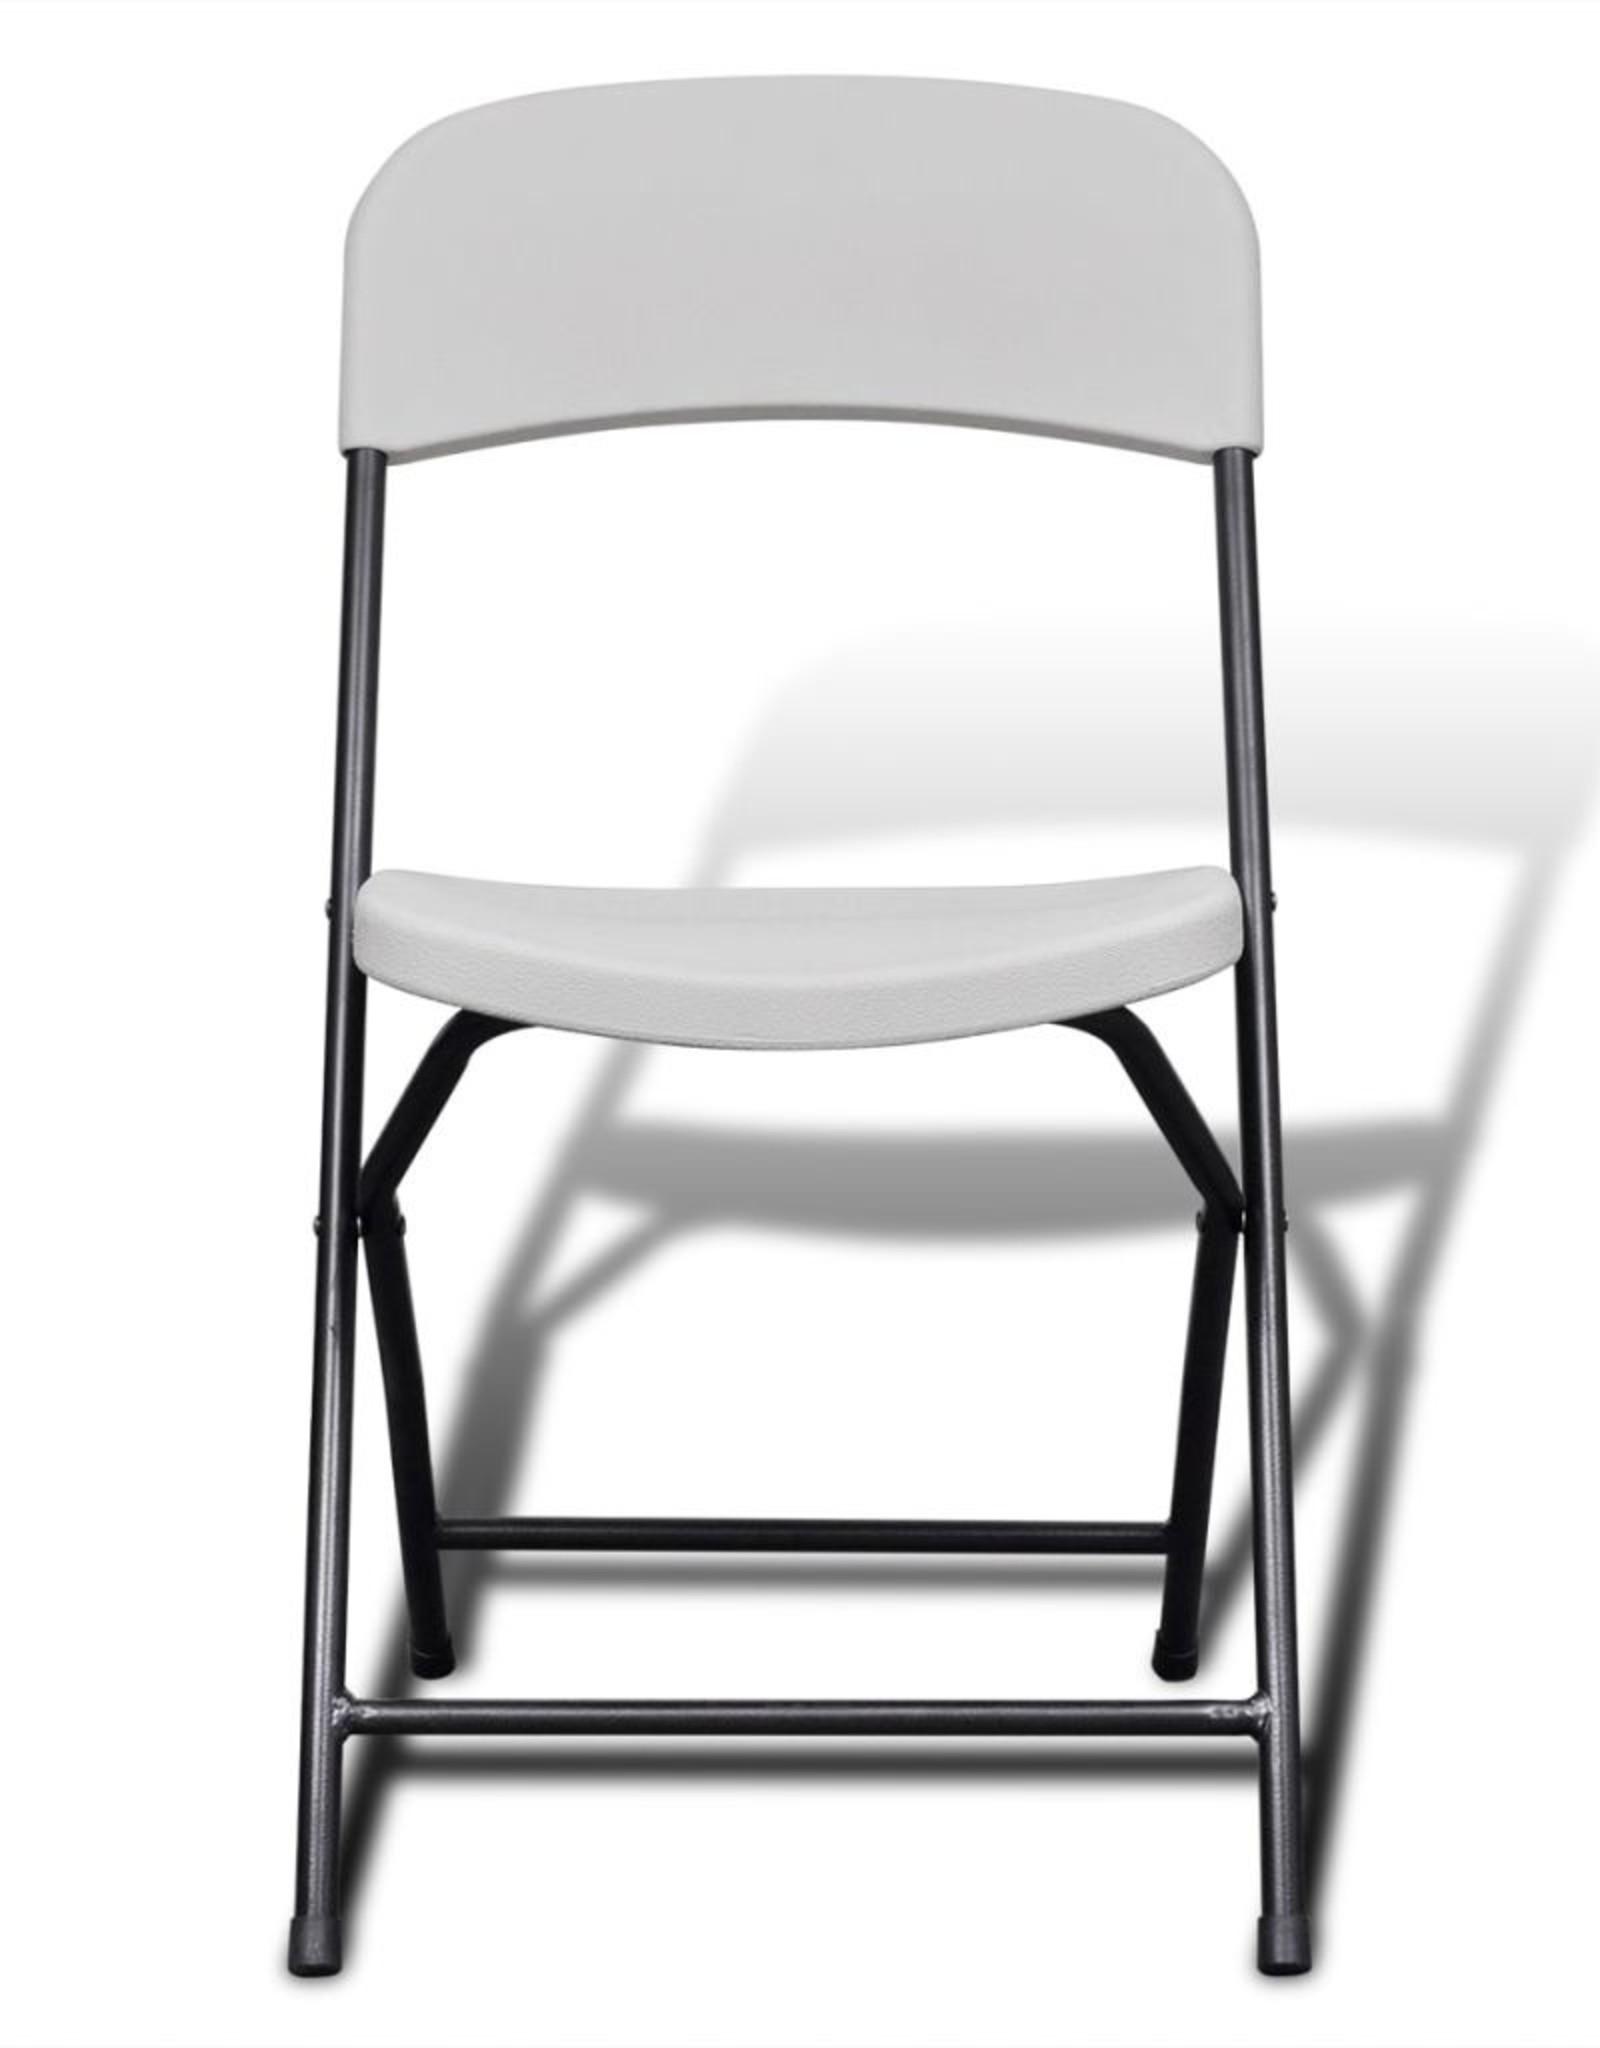 vidaXL 5-delige Tuinset inklapbaar 122 cm HDPE wit